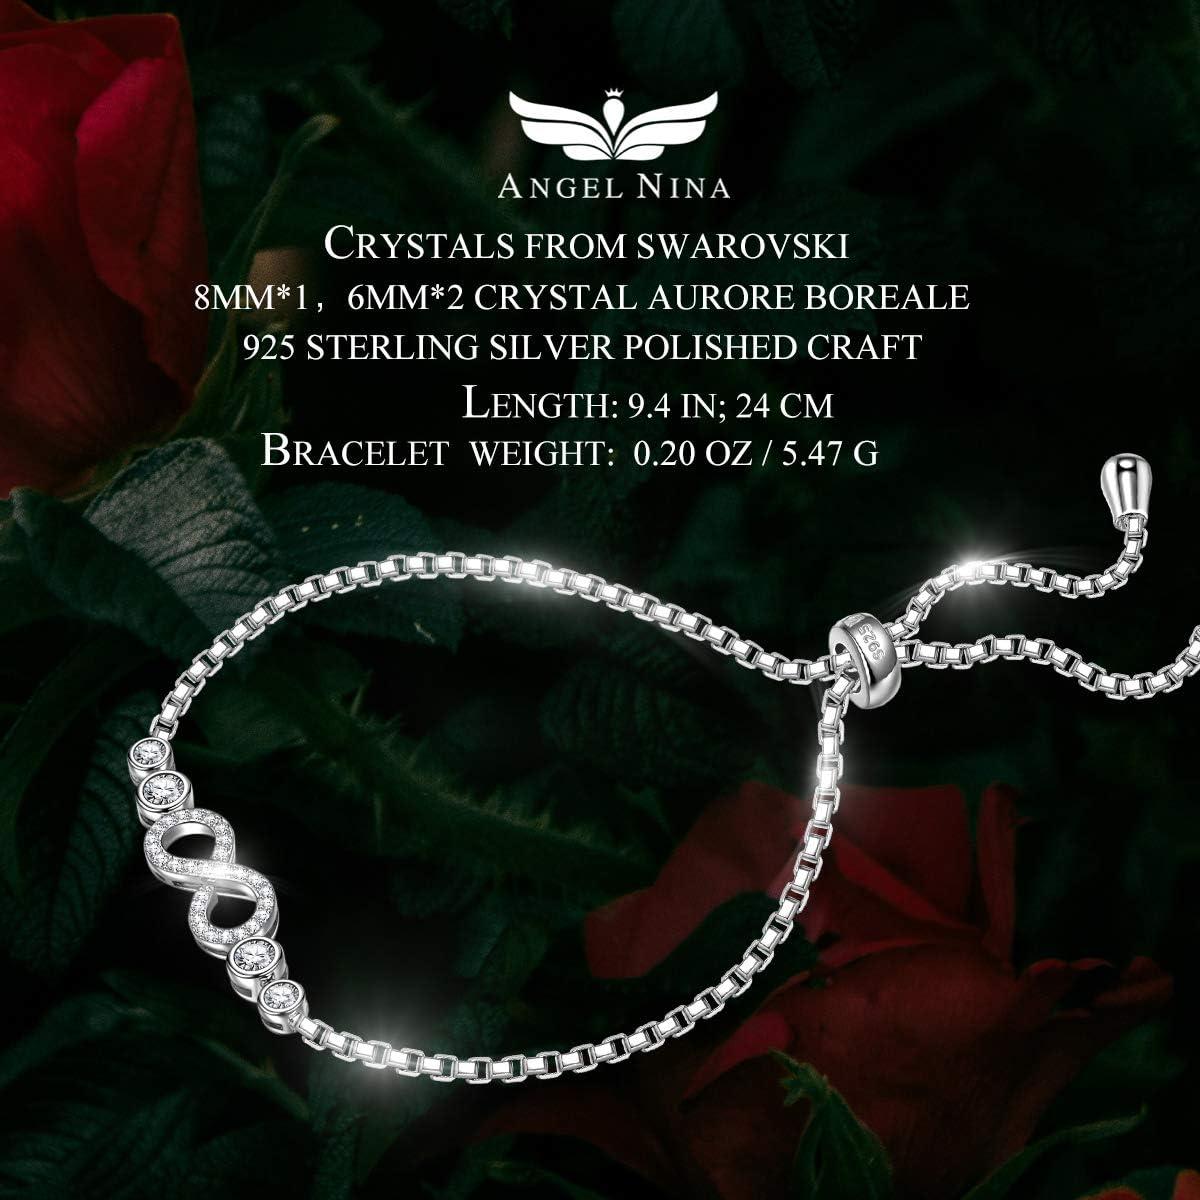 ANGEL NINA Christmas Bracelet Gifts Crystal Bracelet 925 Sterling Silver Swaorvski Bracelets Sparkle Bracelets for Women Her Gifts for Women with Exquisite Packing